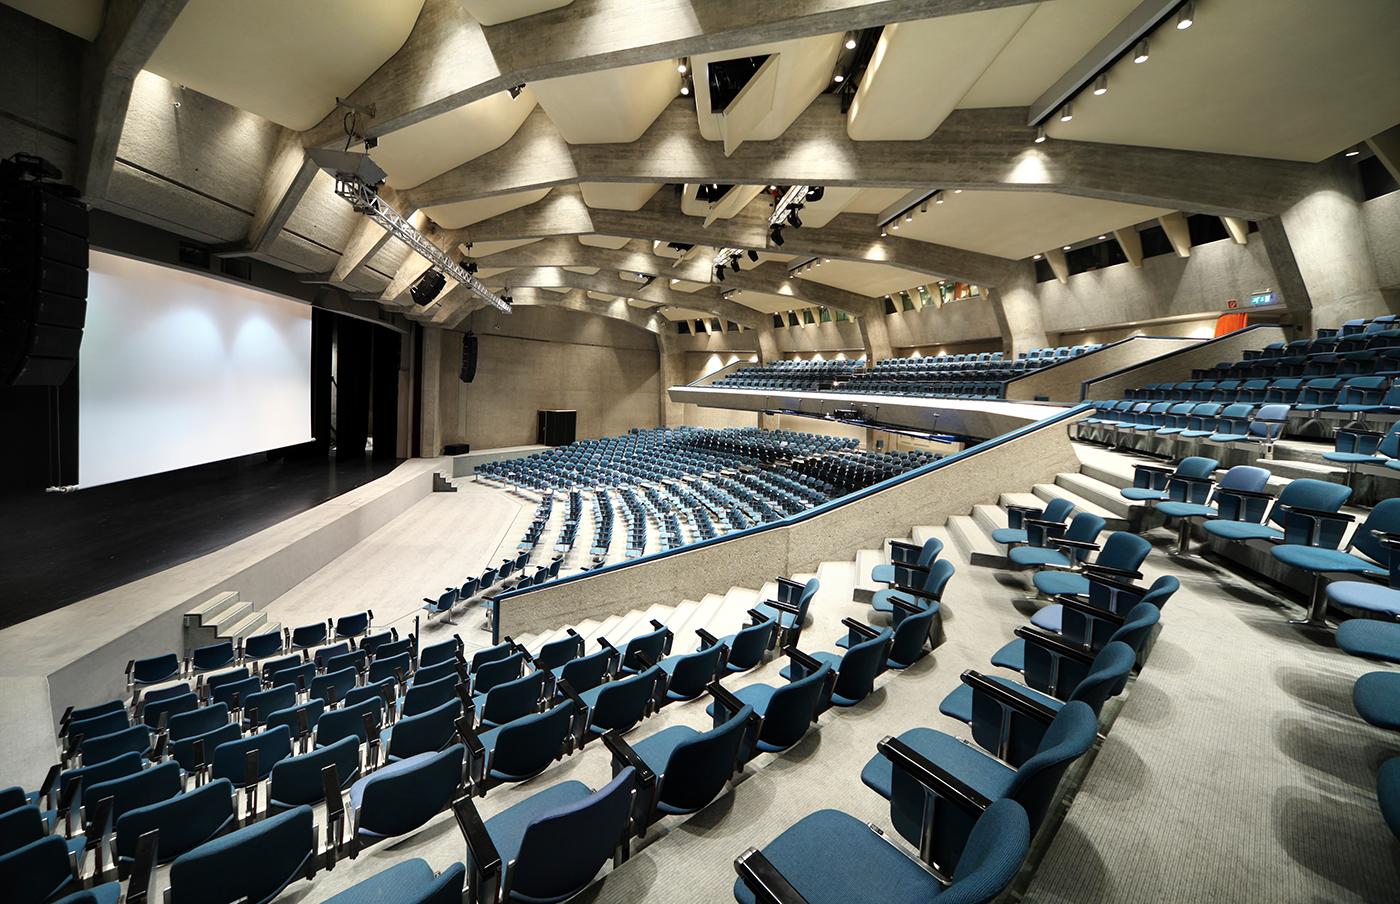 Filmproduktion Konferenz / Filmproduktion Kongress & Tagung. Kameramann und Videoproduktion für Ihre Konferenz, Ihren Kongress: konferenzfilm@wiel.org